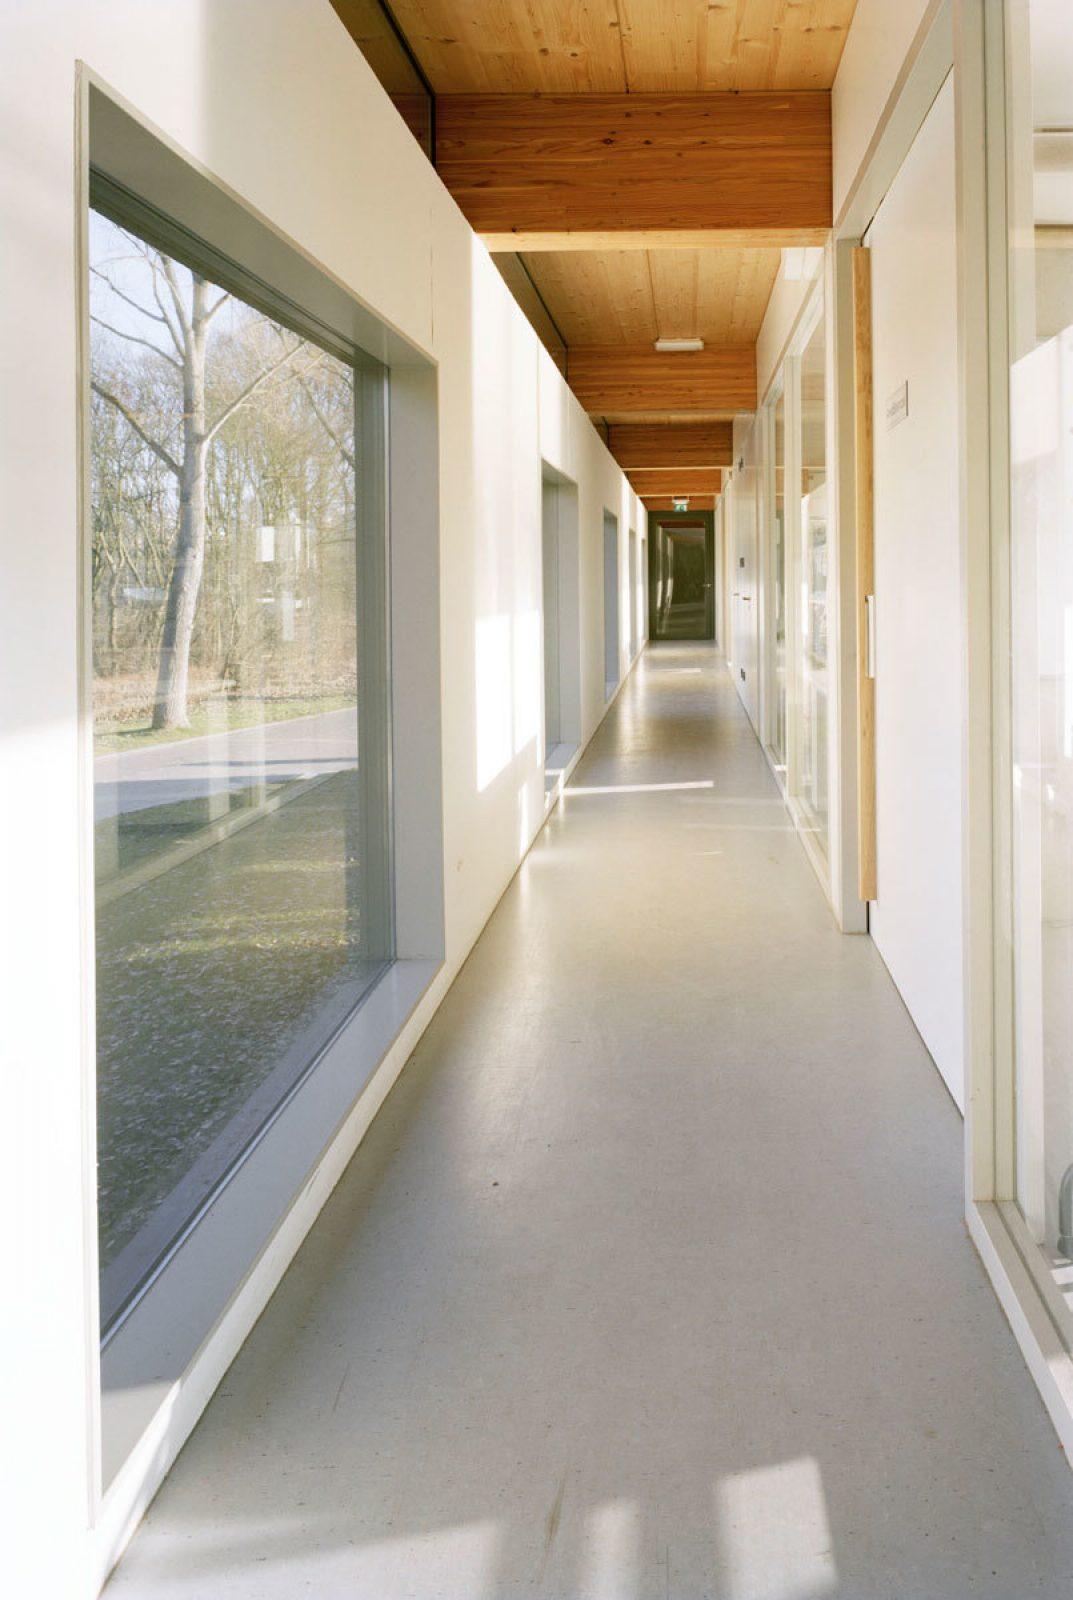 Roigenbouw Corridor Window